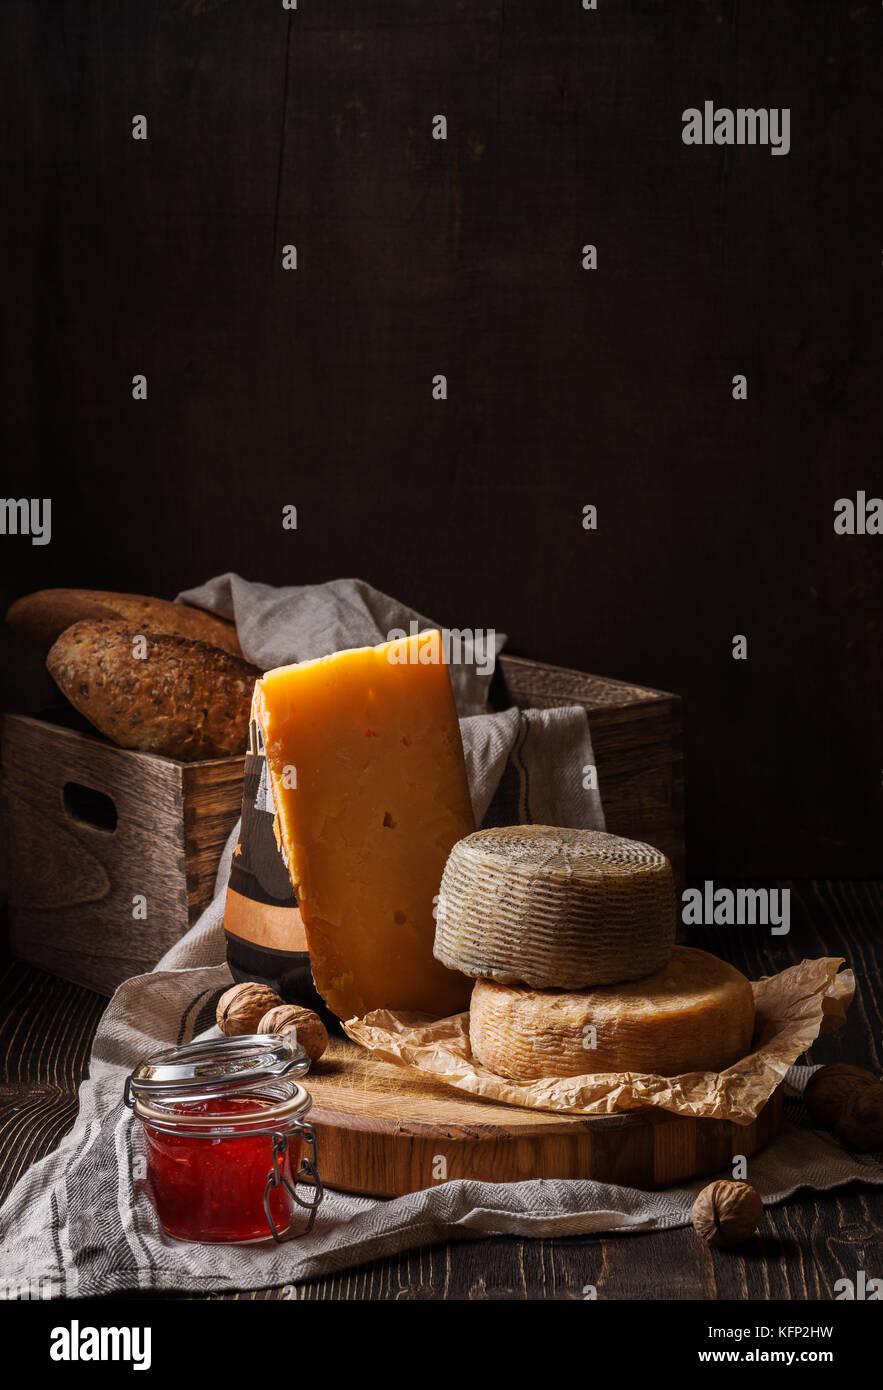 Dark ancora in vita con formaggio e pane Immagini Stock